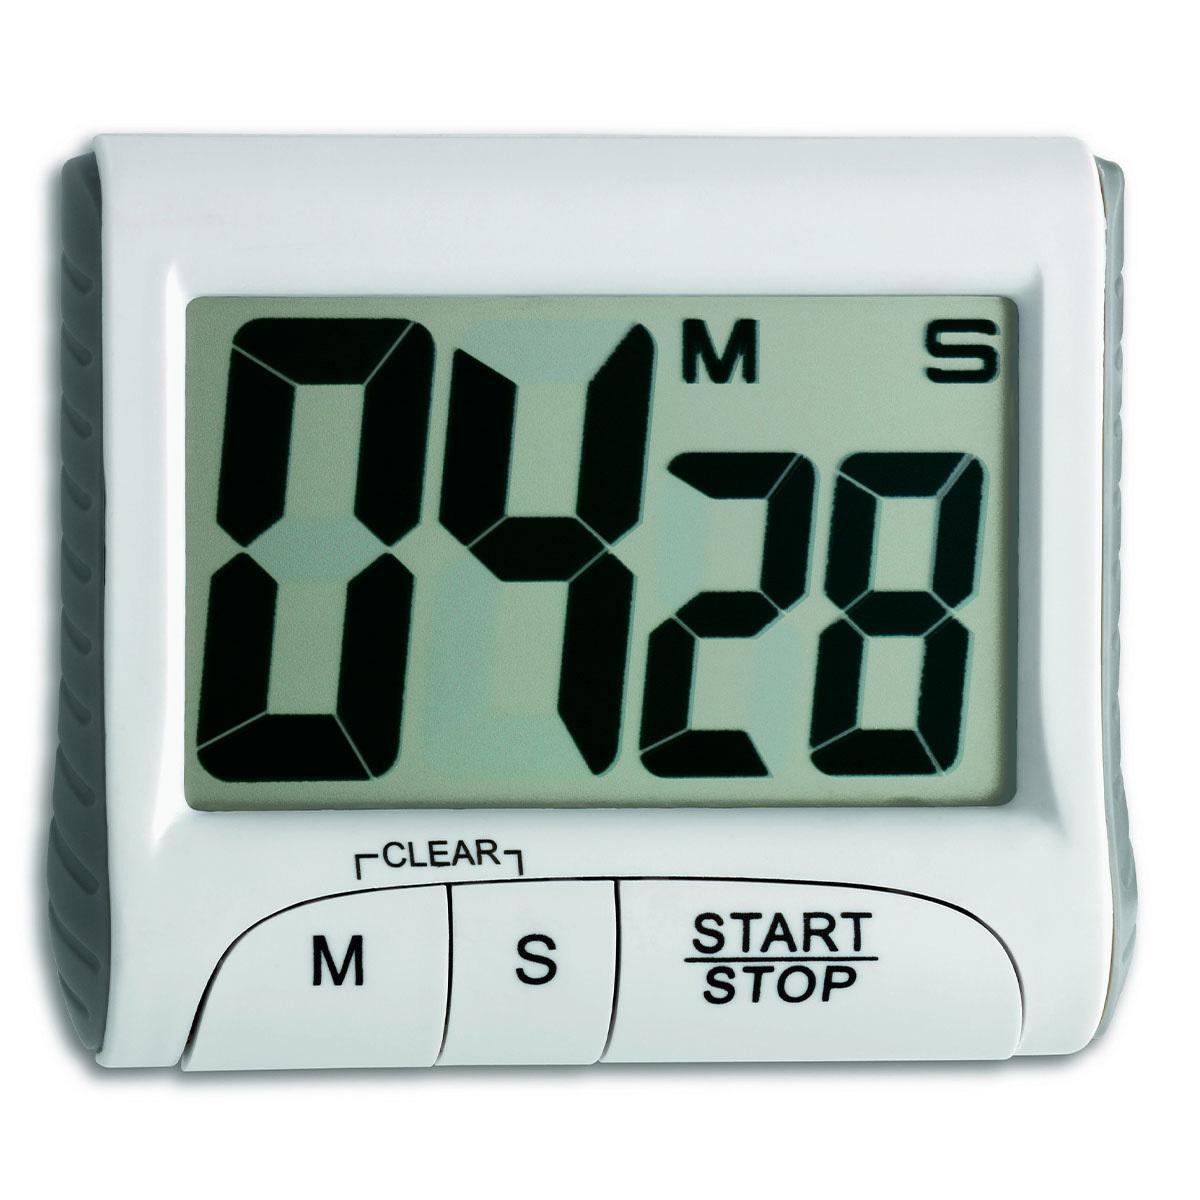 38-2021-02-digitaler-timer-stoppuhr-1200x1200px.jpg